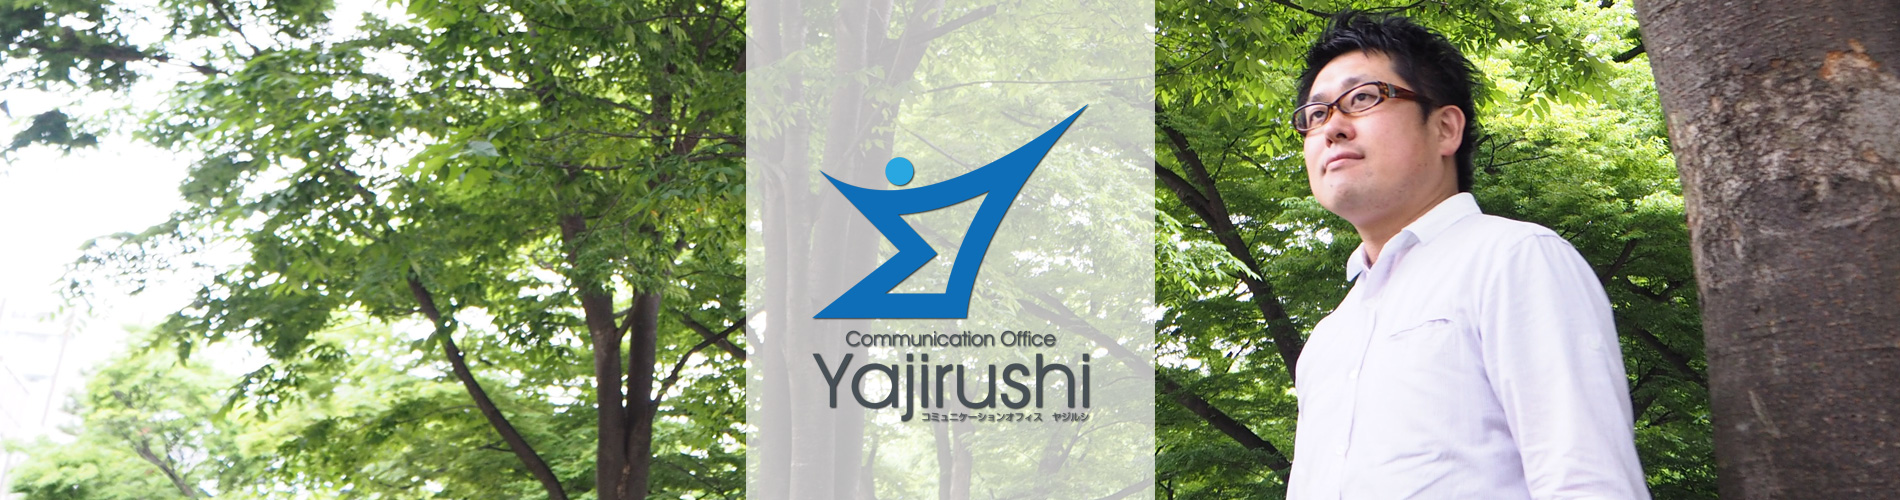 札幌市|コーチング|コミュニケーションオフィスヤジルシ